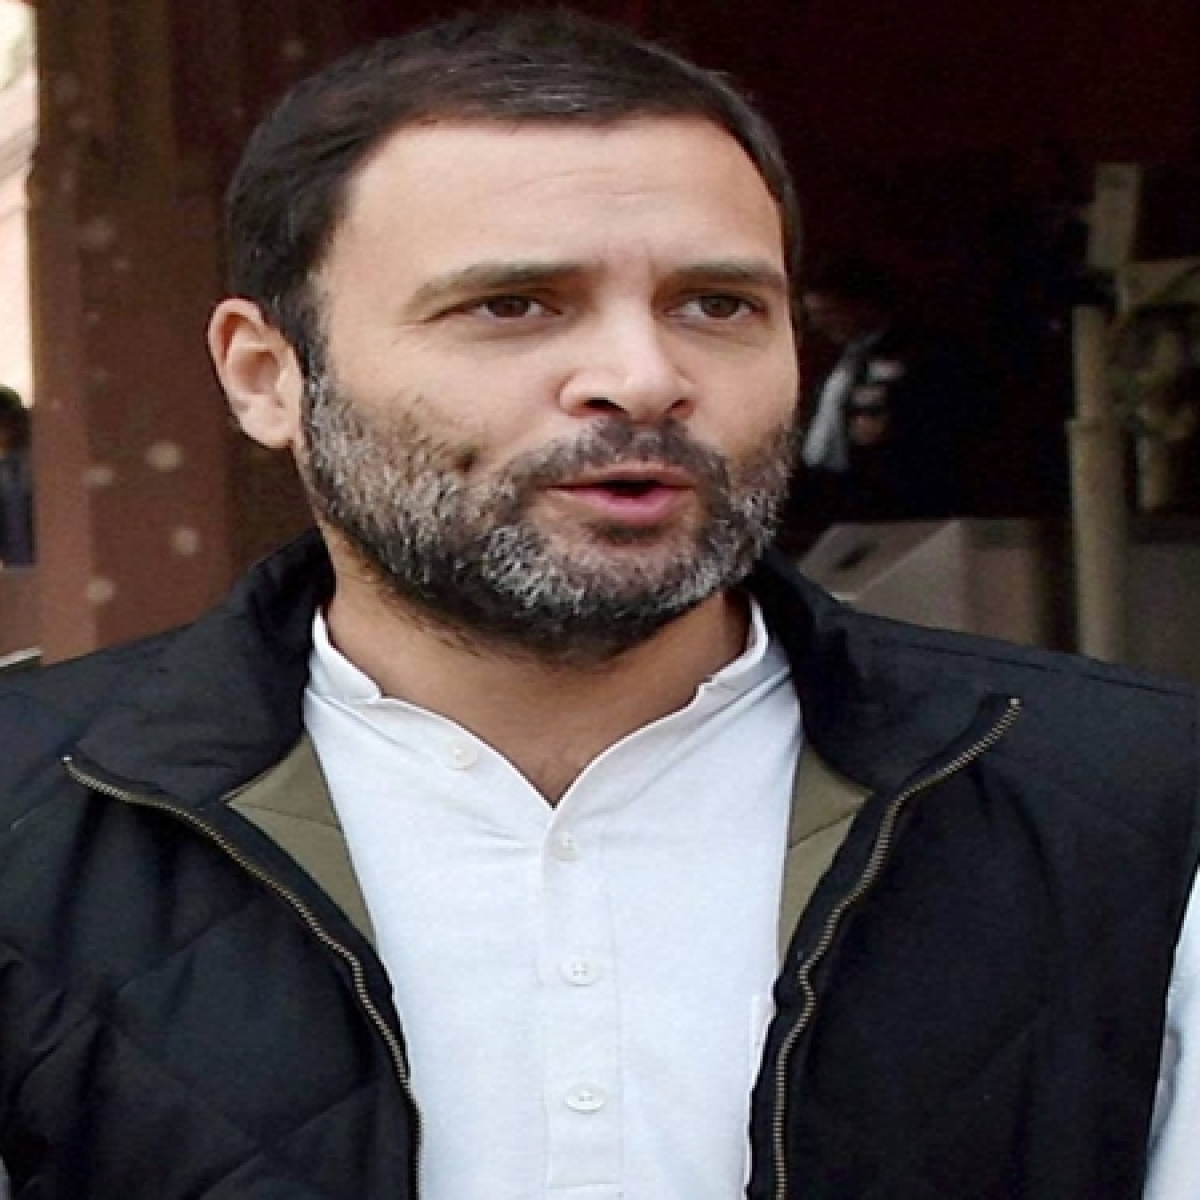 After Rahul Gandhi snubs Pakistan over J-K, its minister advises him follow Motilal Nehru's footsteps